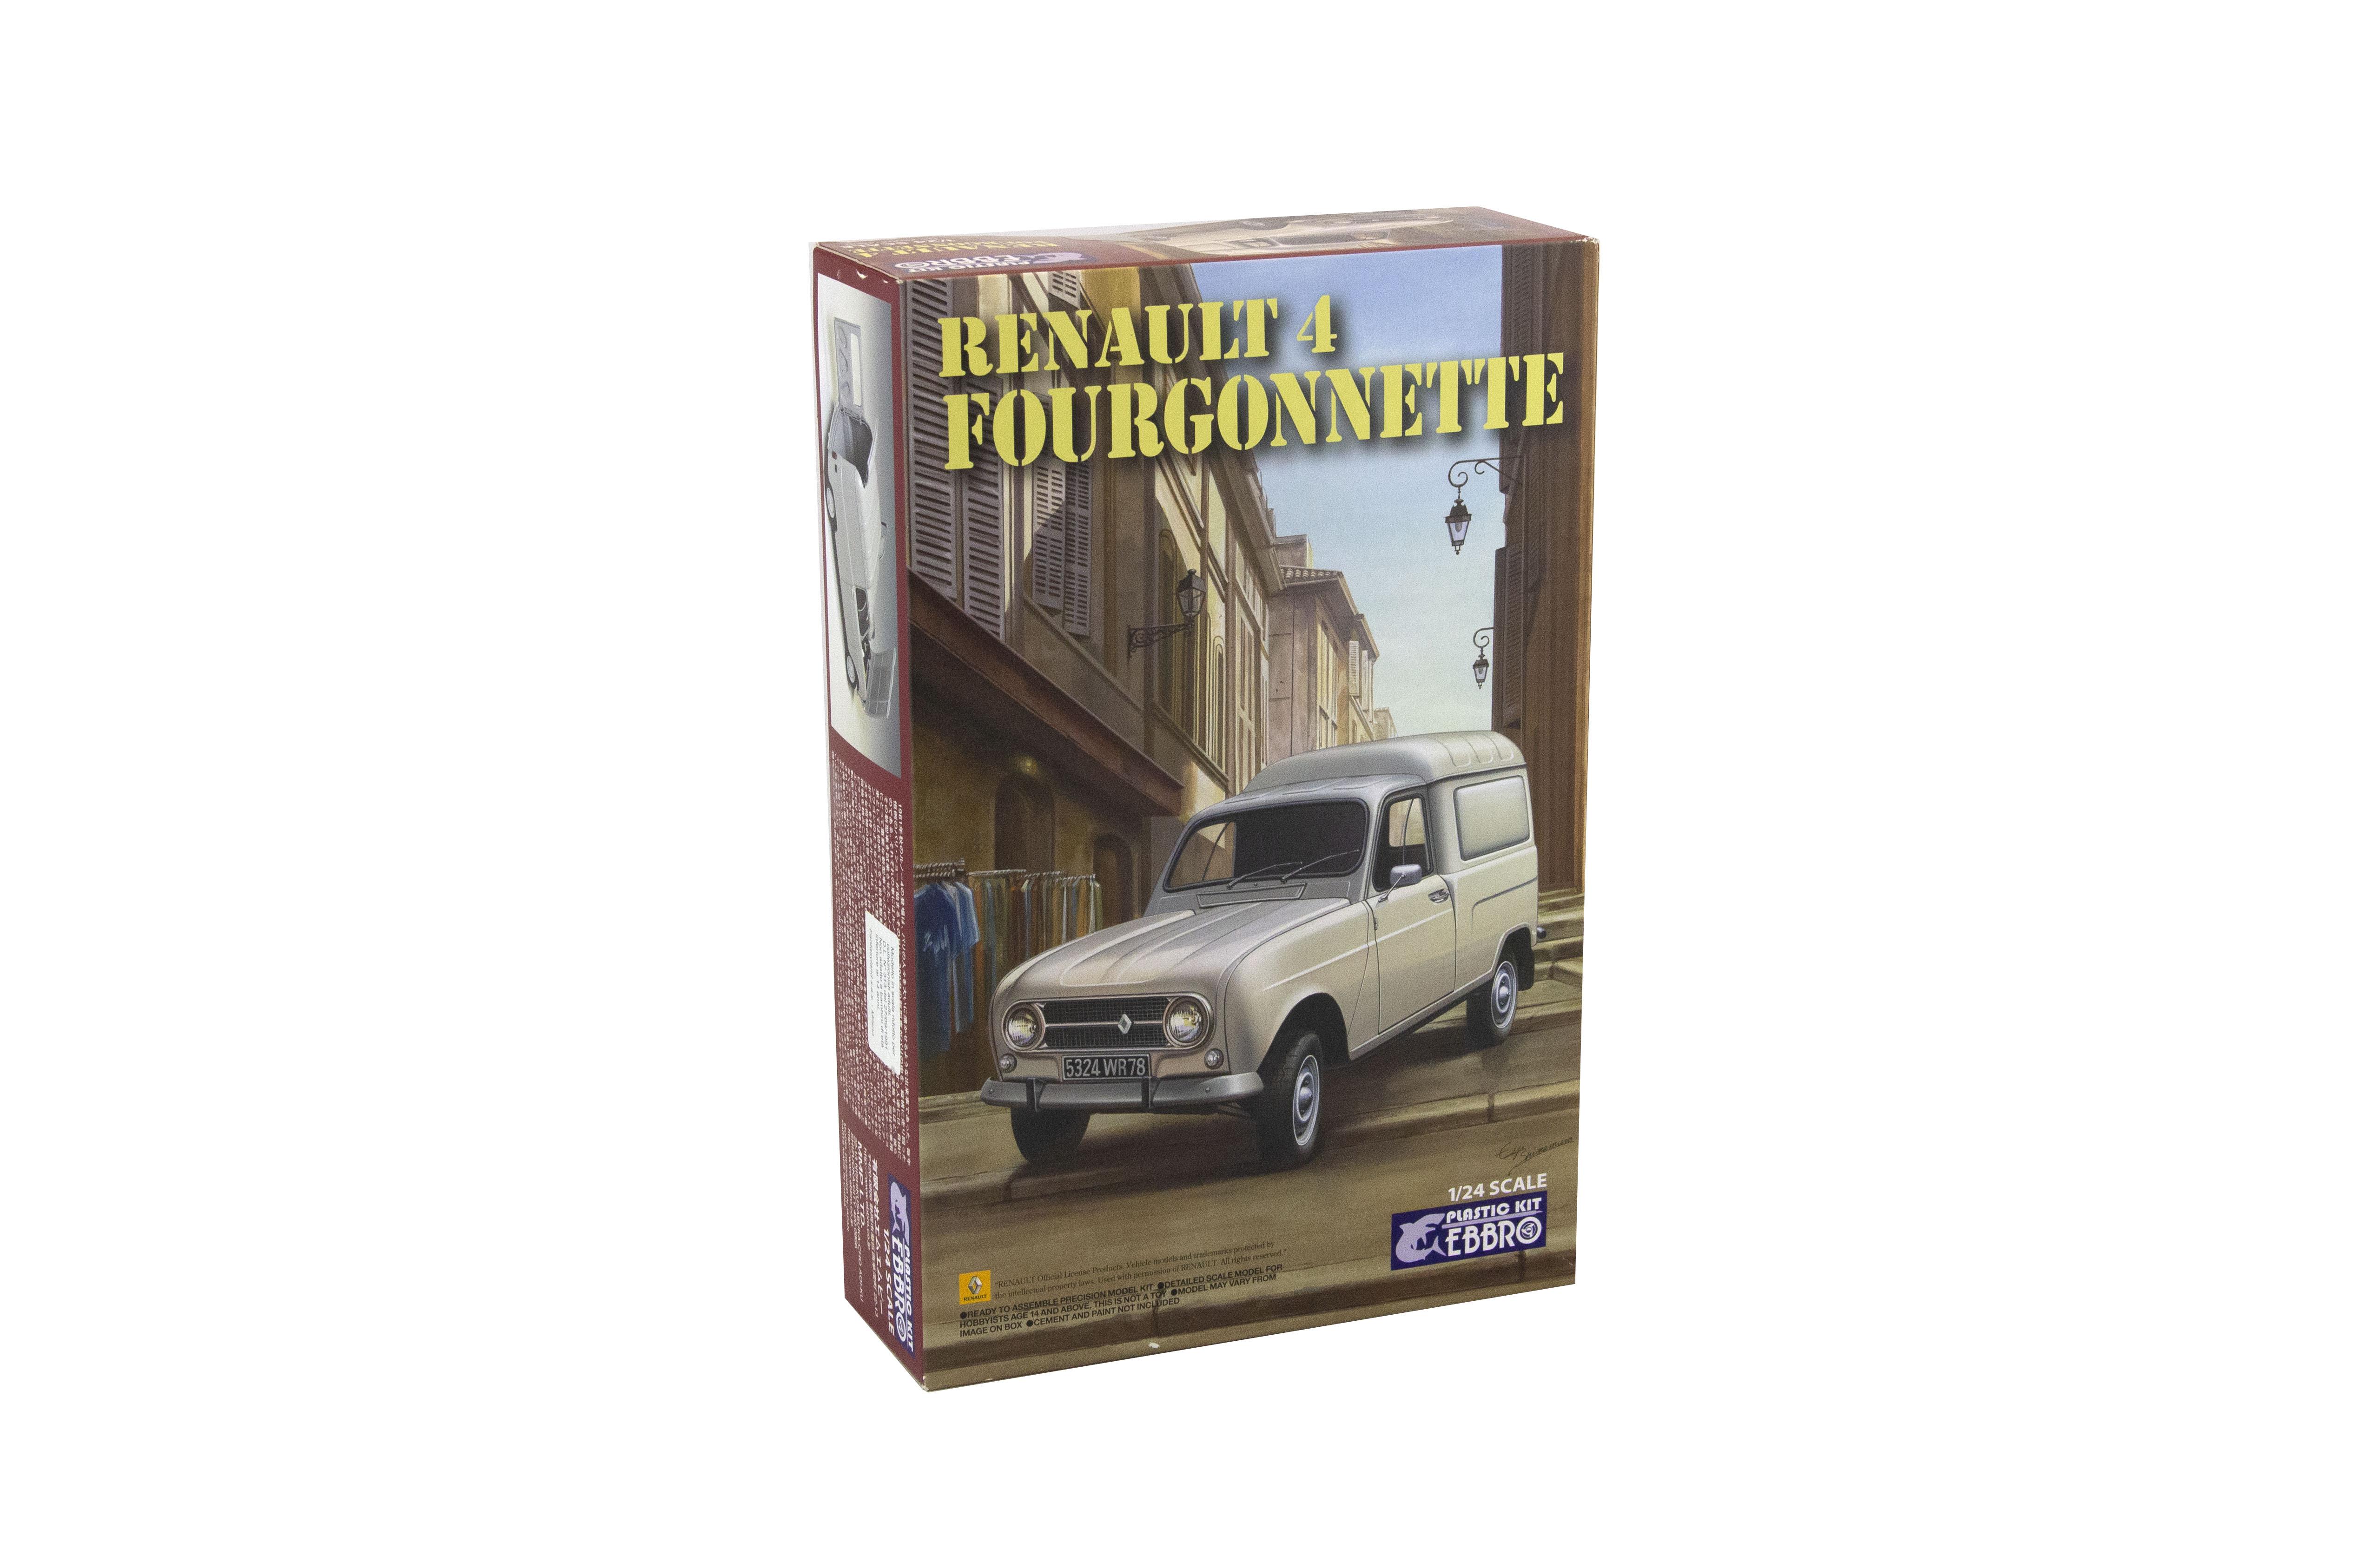 Kit Renault 4 Fourgonnette 1/24